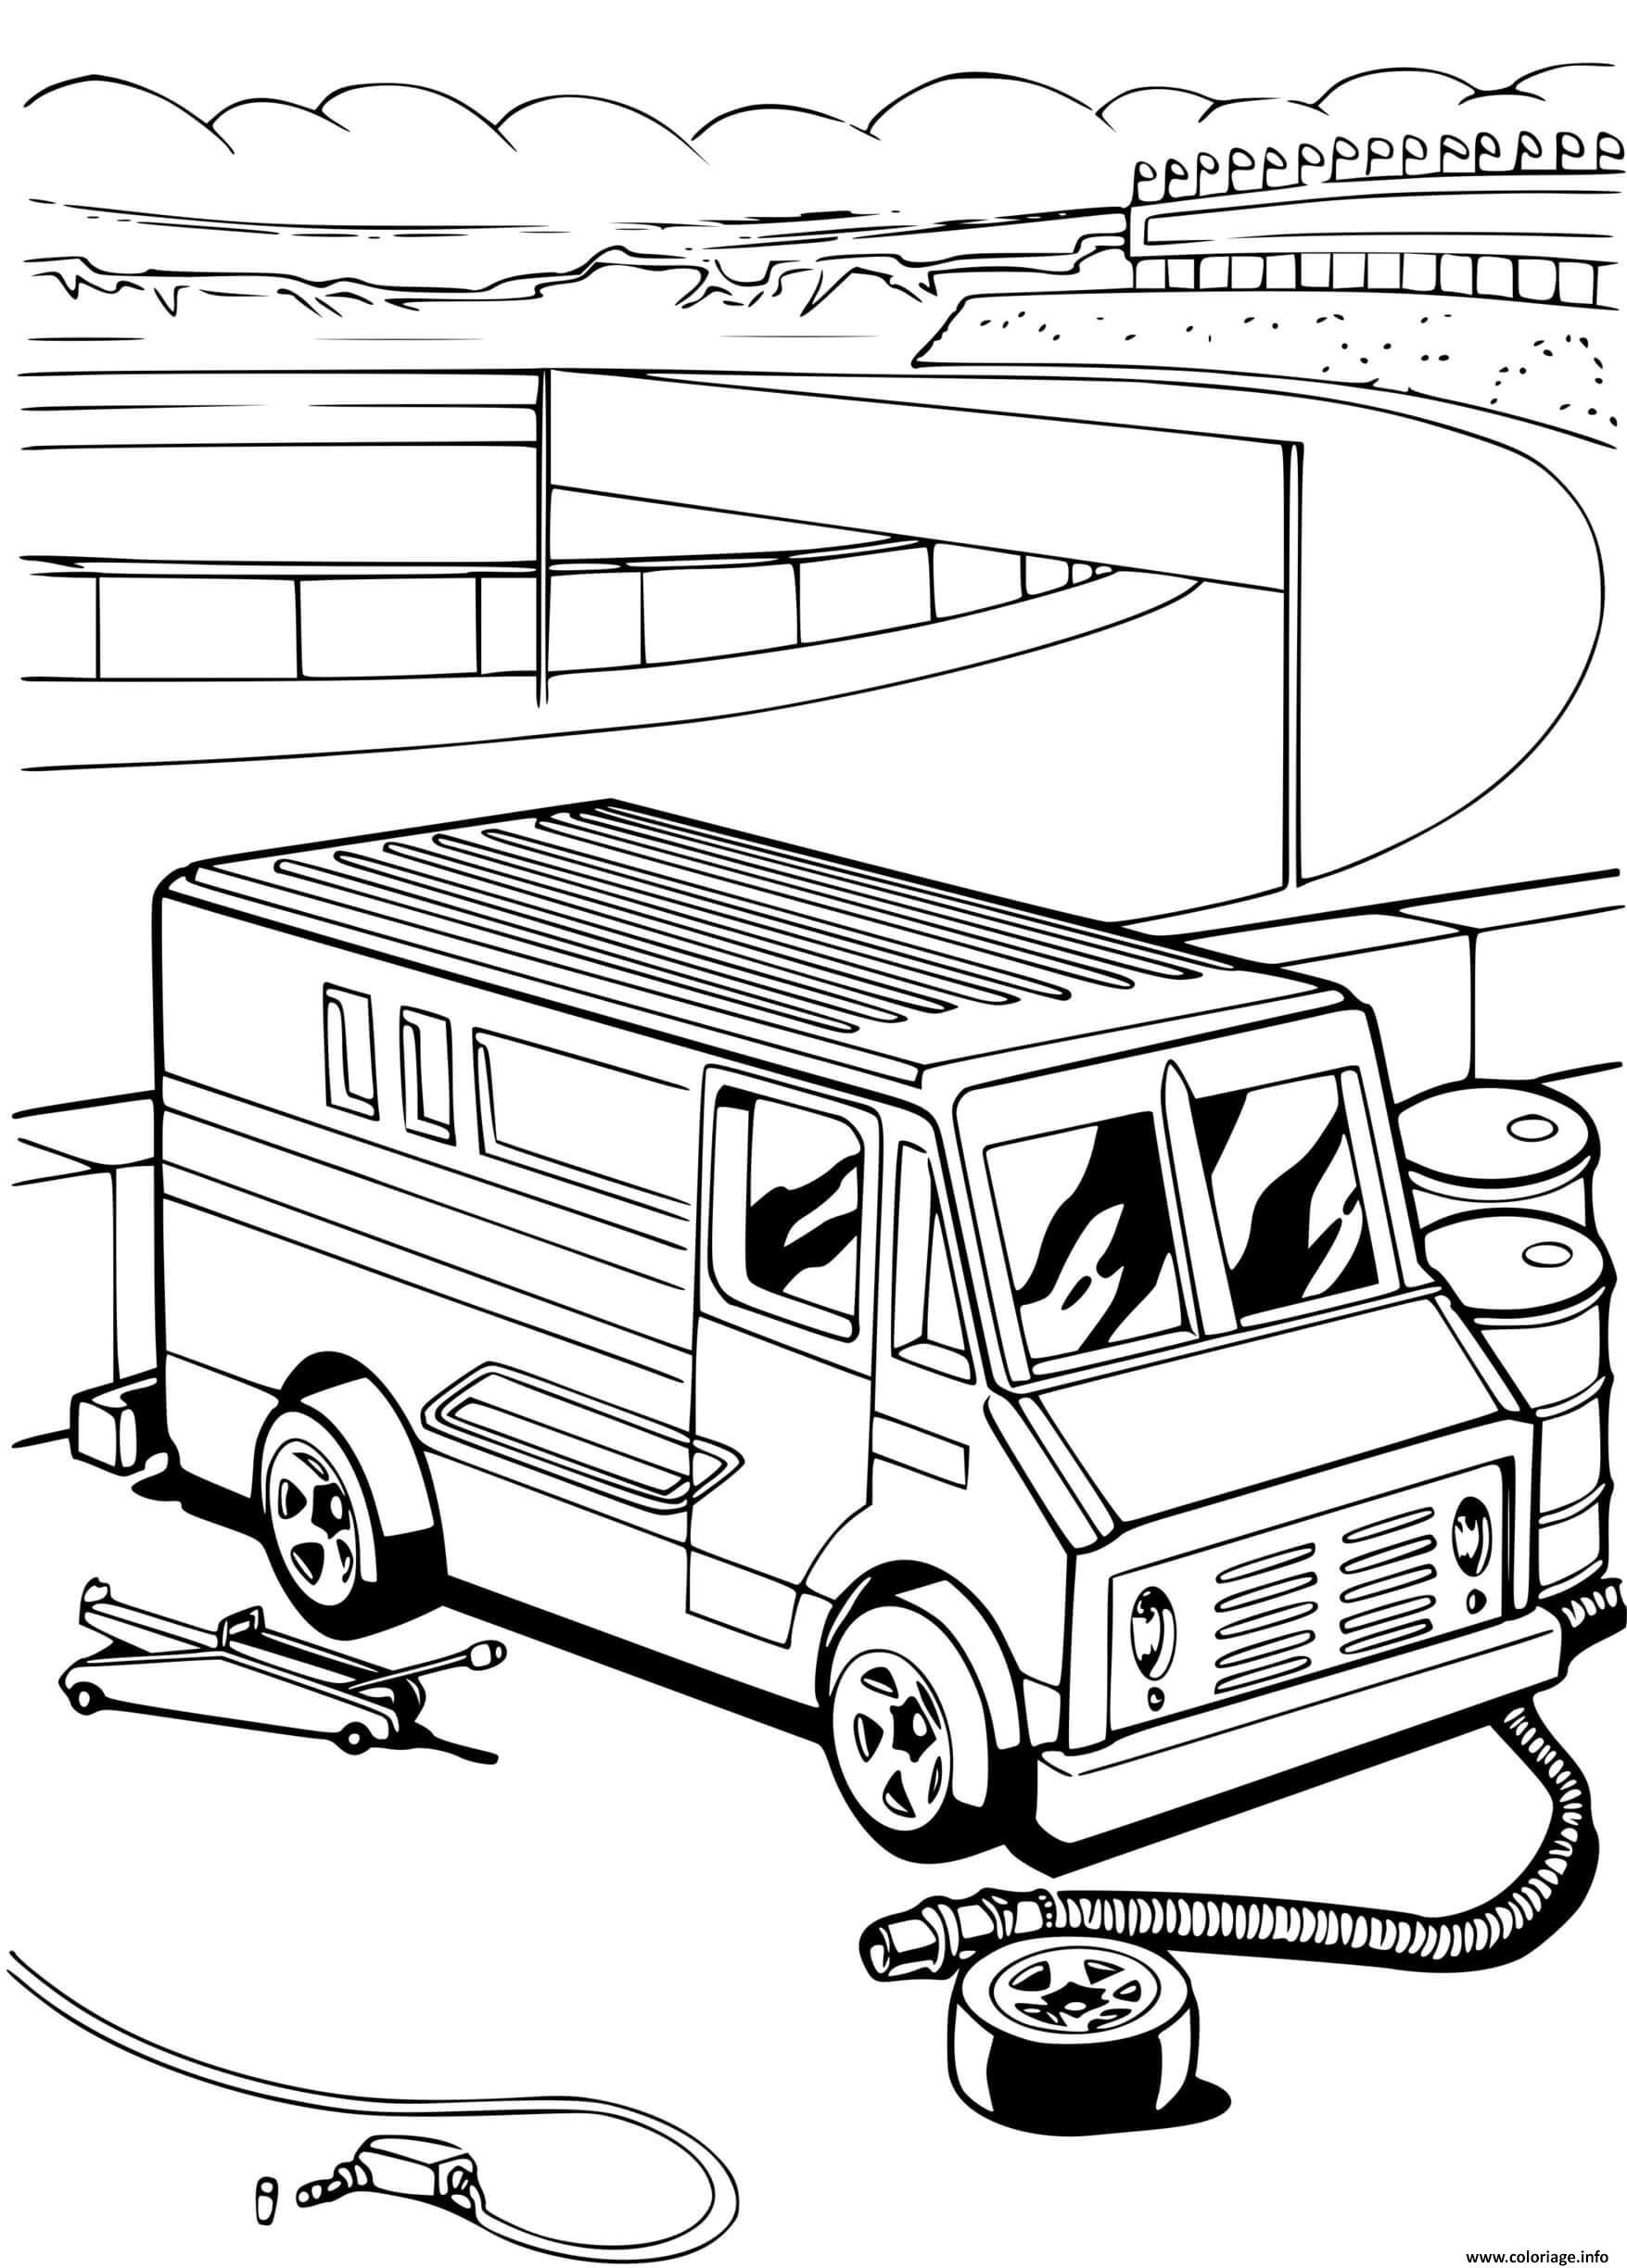 Dessin Hot Wheels Mechanic Repair voiture Coloriage Gratuit à Imprimer